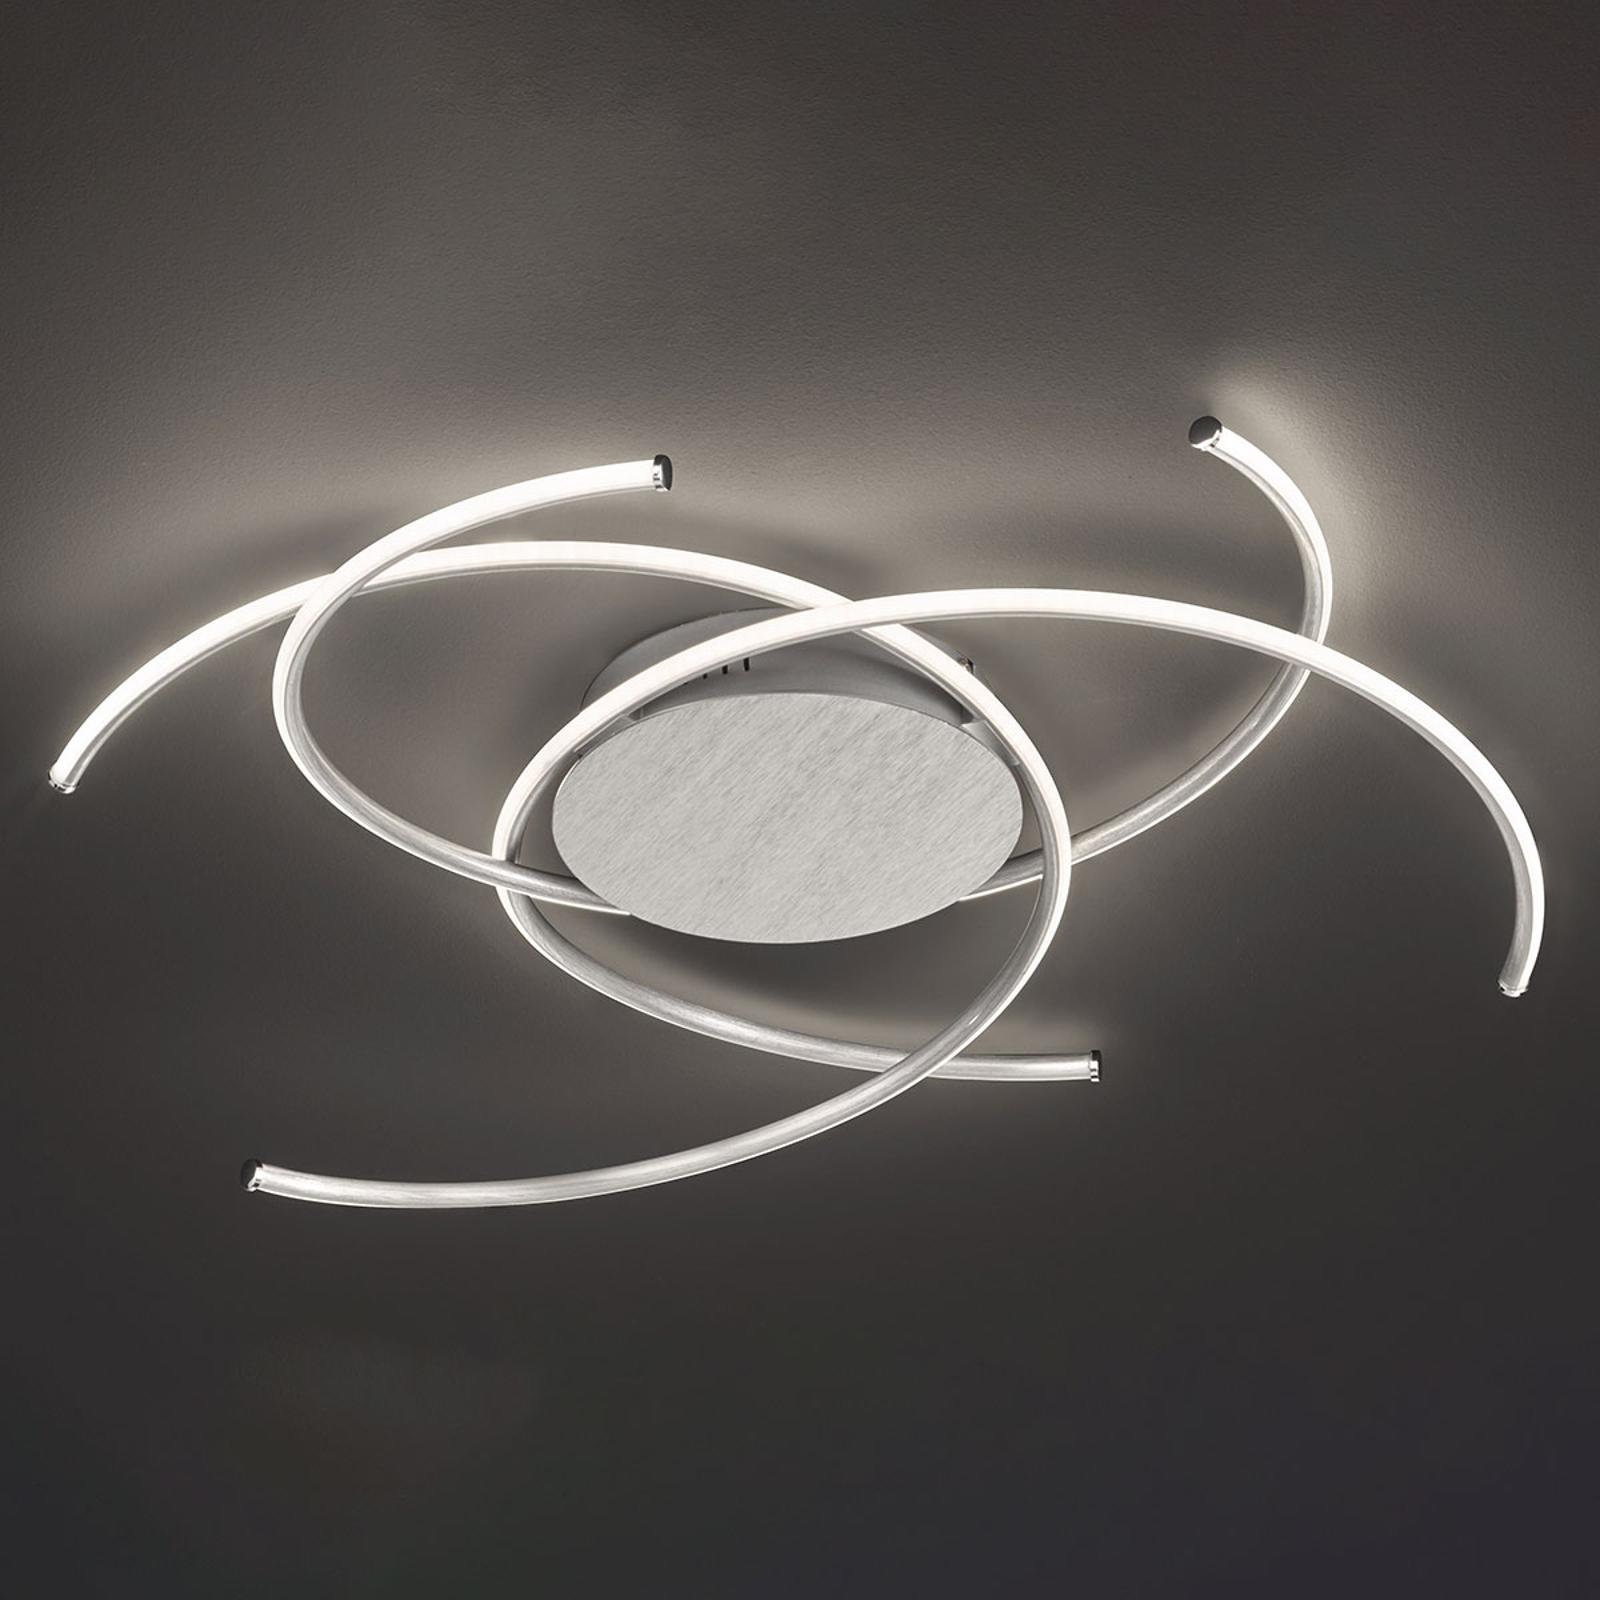 LED-kattovalaisin Juls, alumiini harjattu